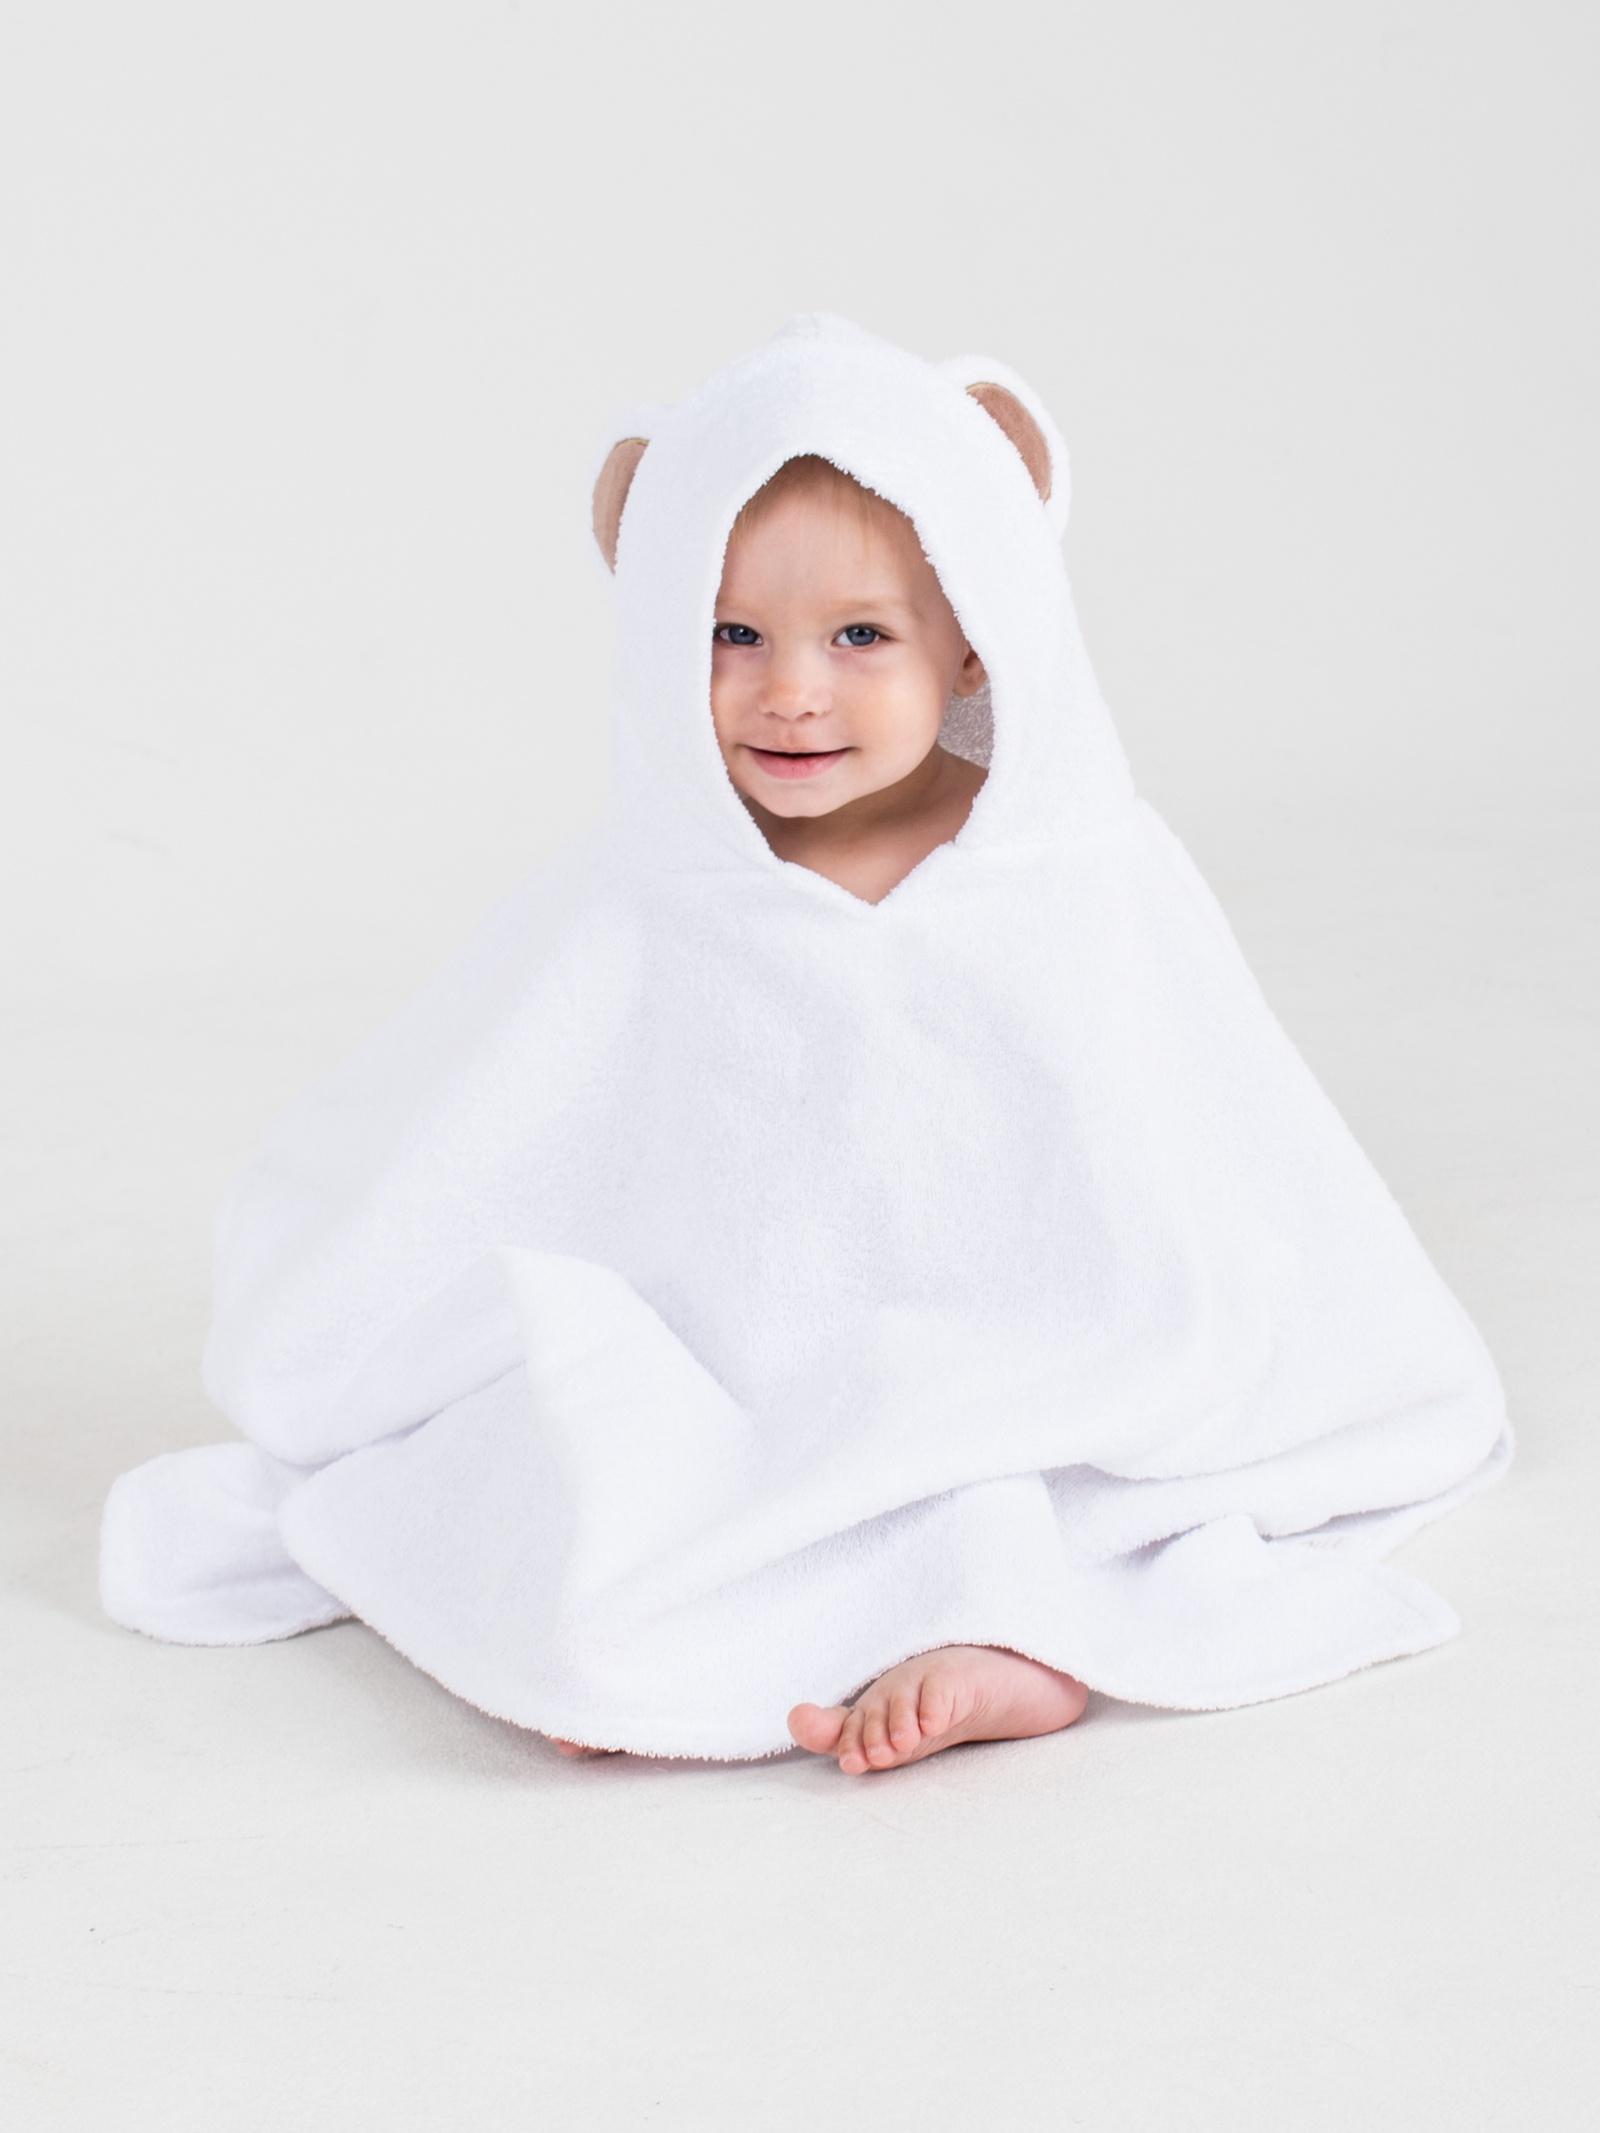 Полотенце детское BabyBunny Пончо Мишка Нежный, Хлопок хлопок возраст purcotton мокрое и сухое мягкое хлопчатобумажного полотенце хлопка полотенце хлопок для удаления 9 12см